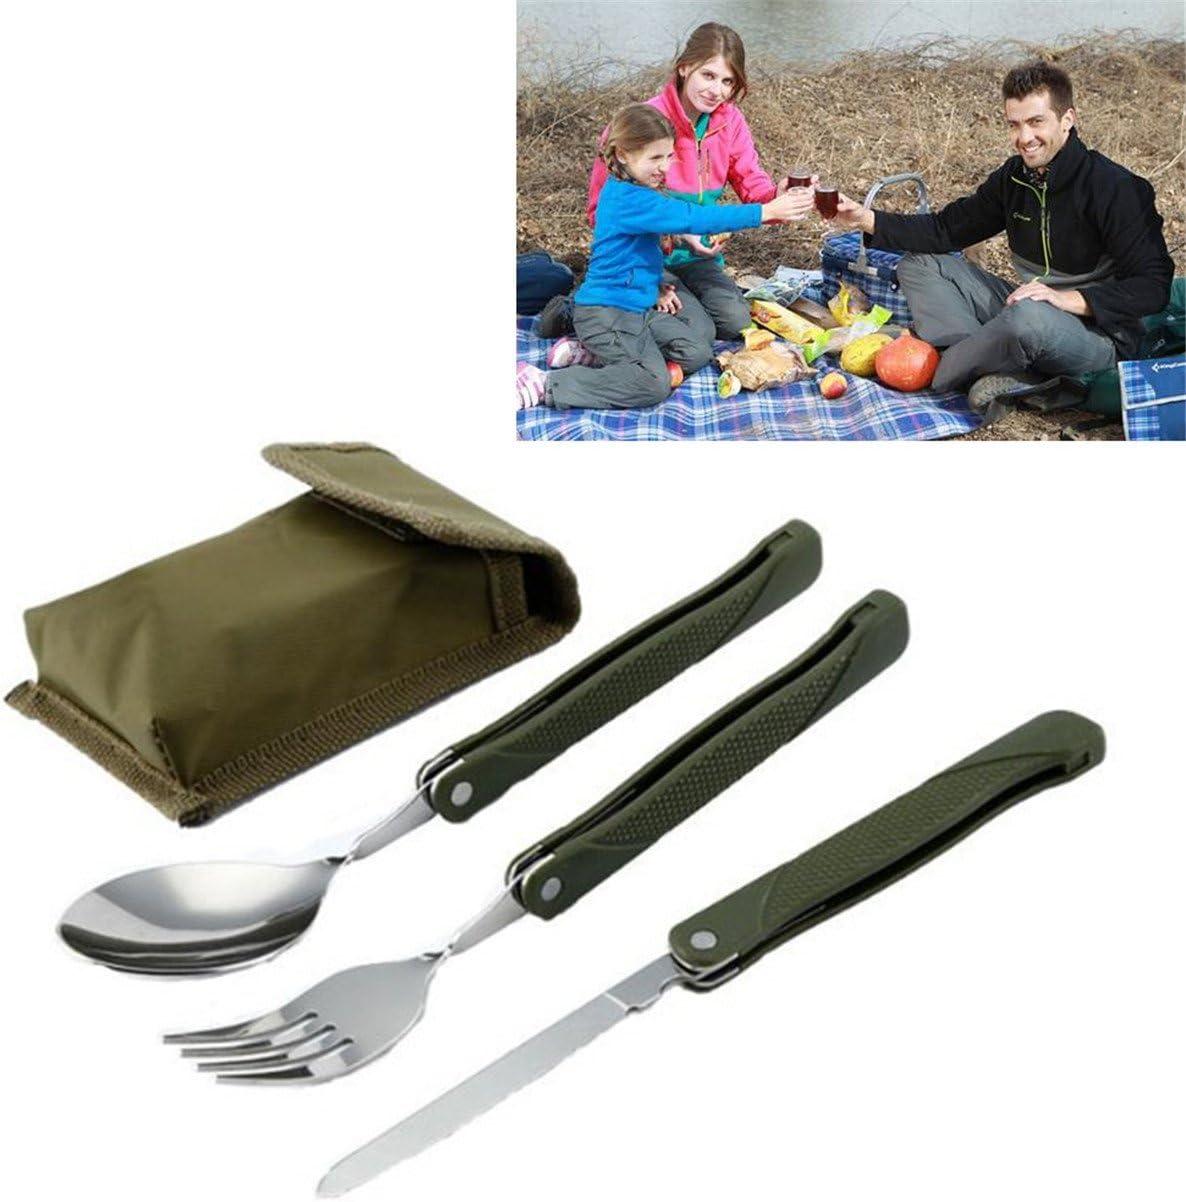 Lalang Multifunktions Outdoor Campingbesteck Klapp-Besteck aus Edelstahl f/ür Backpacker Wandern Besteck Set